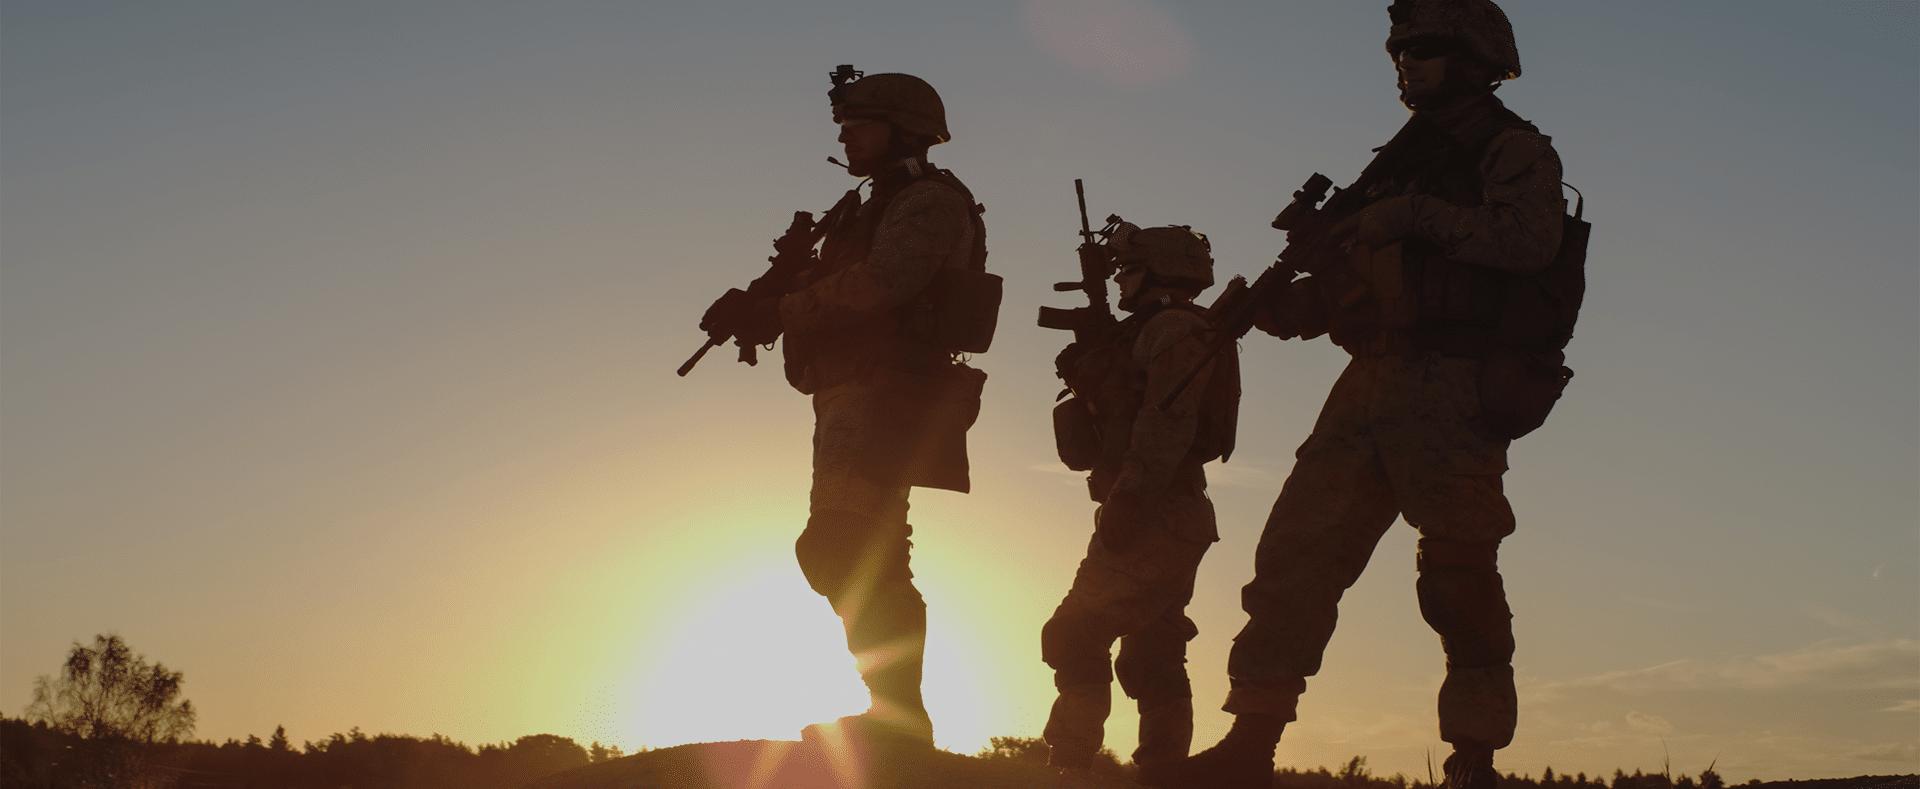 Photographie de militaires illustrant le secteur de l'armée et défense.